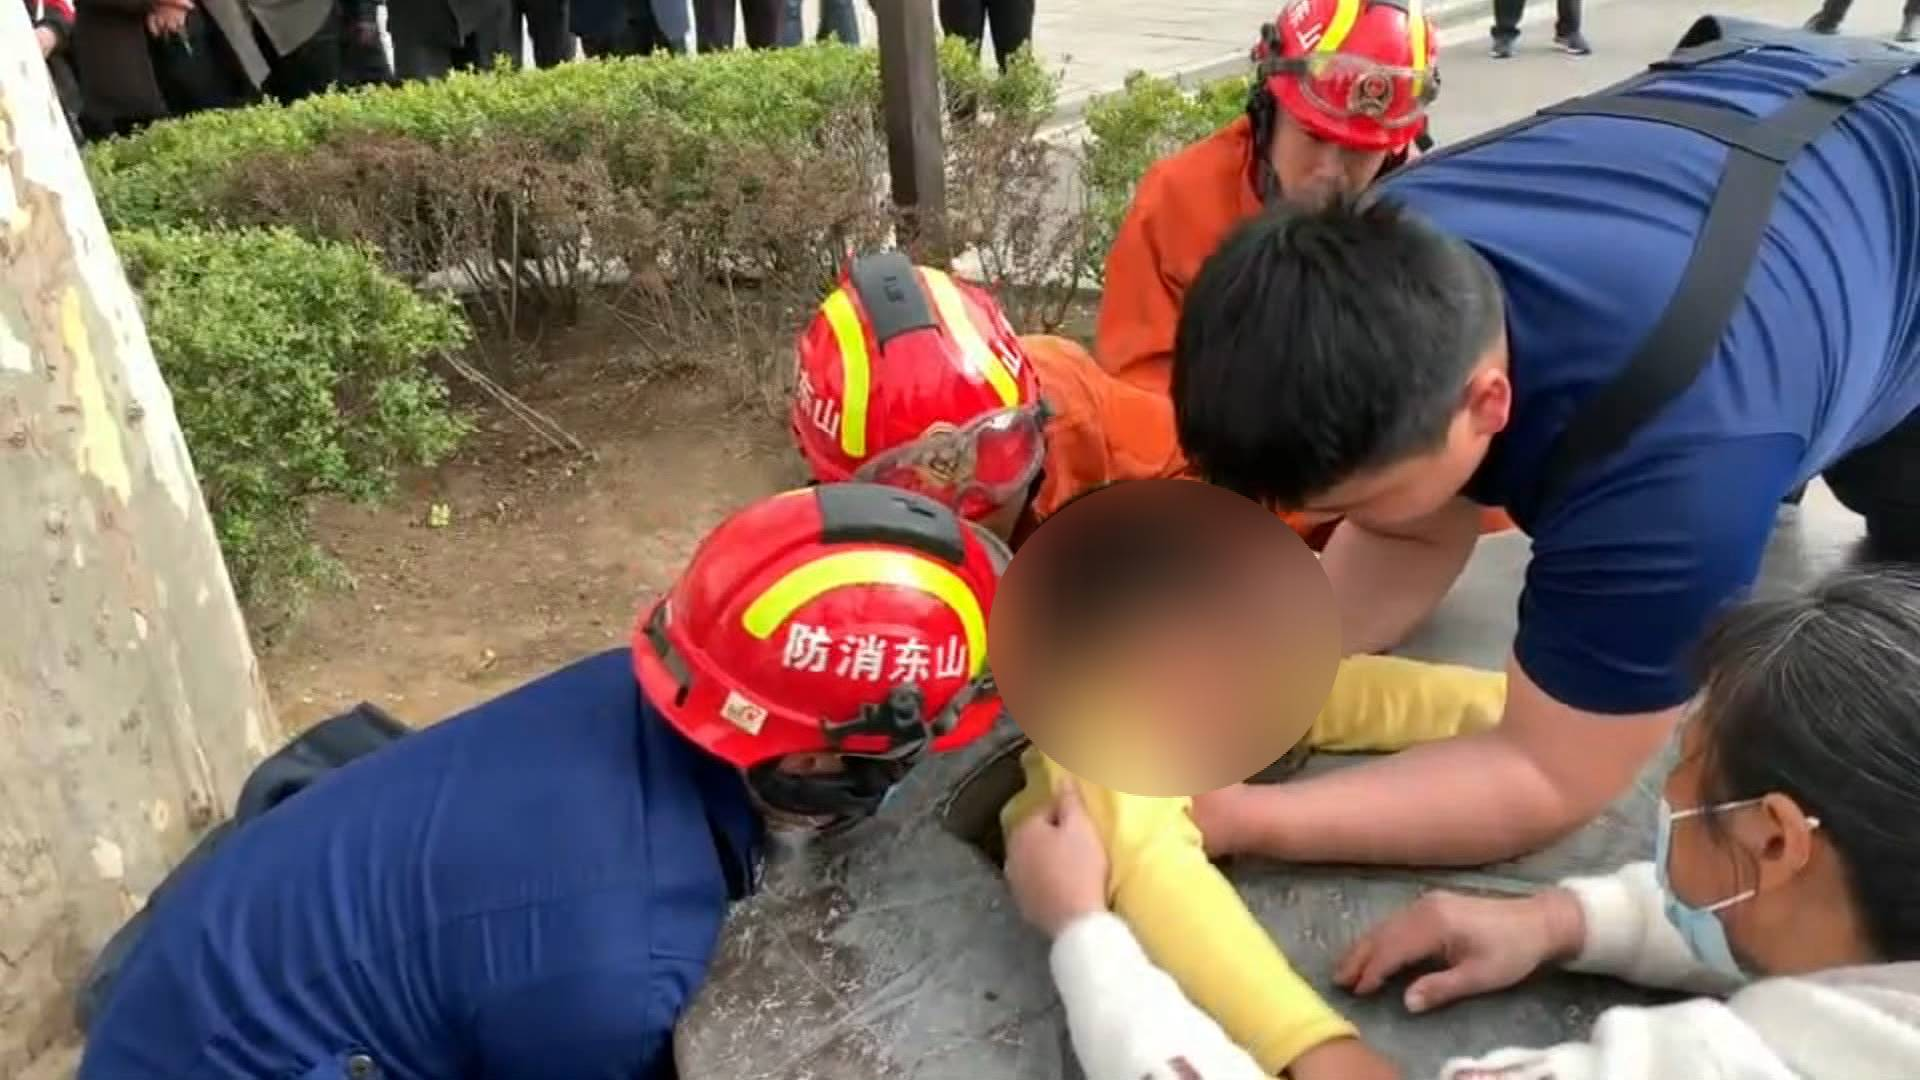 100秒丨淄博一小男孩顽皮卡在石桌里  消防破石、抬桌巧救援